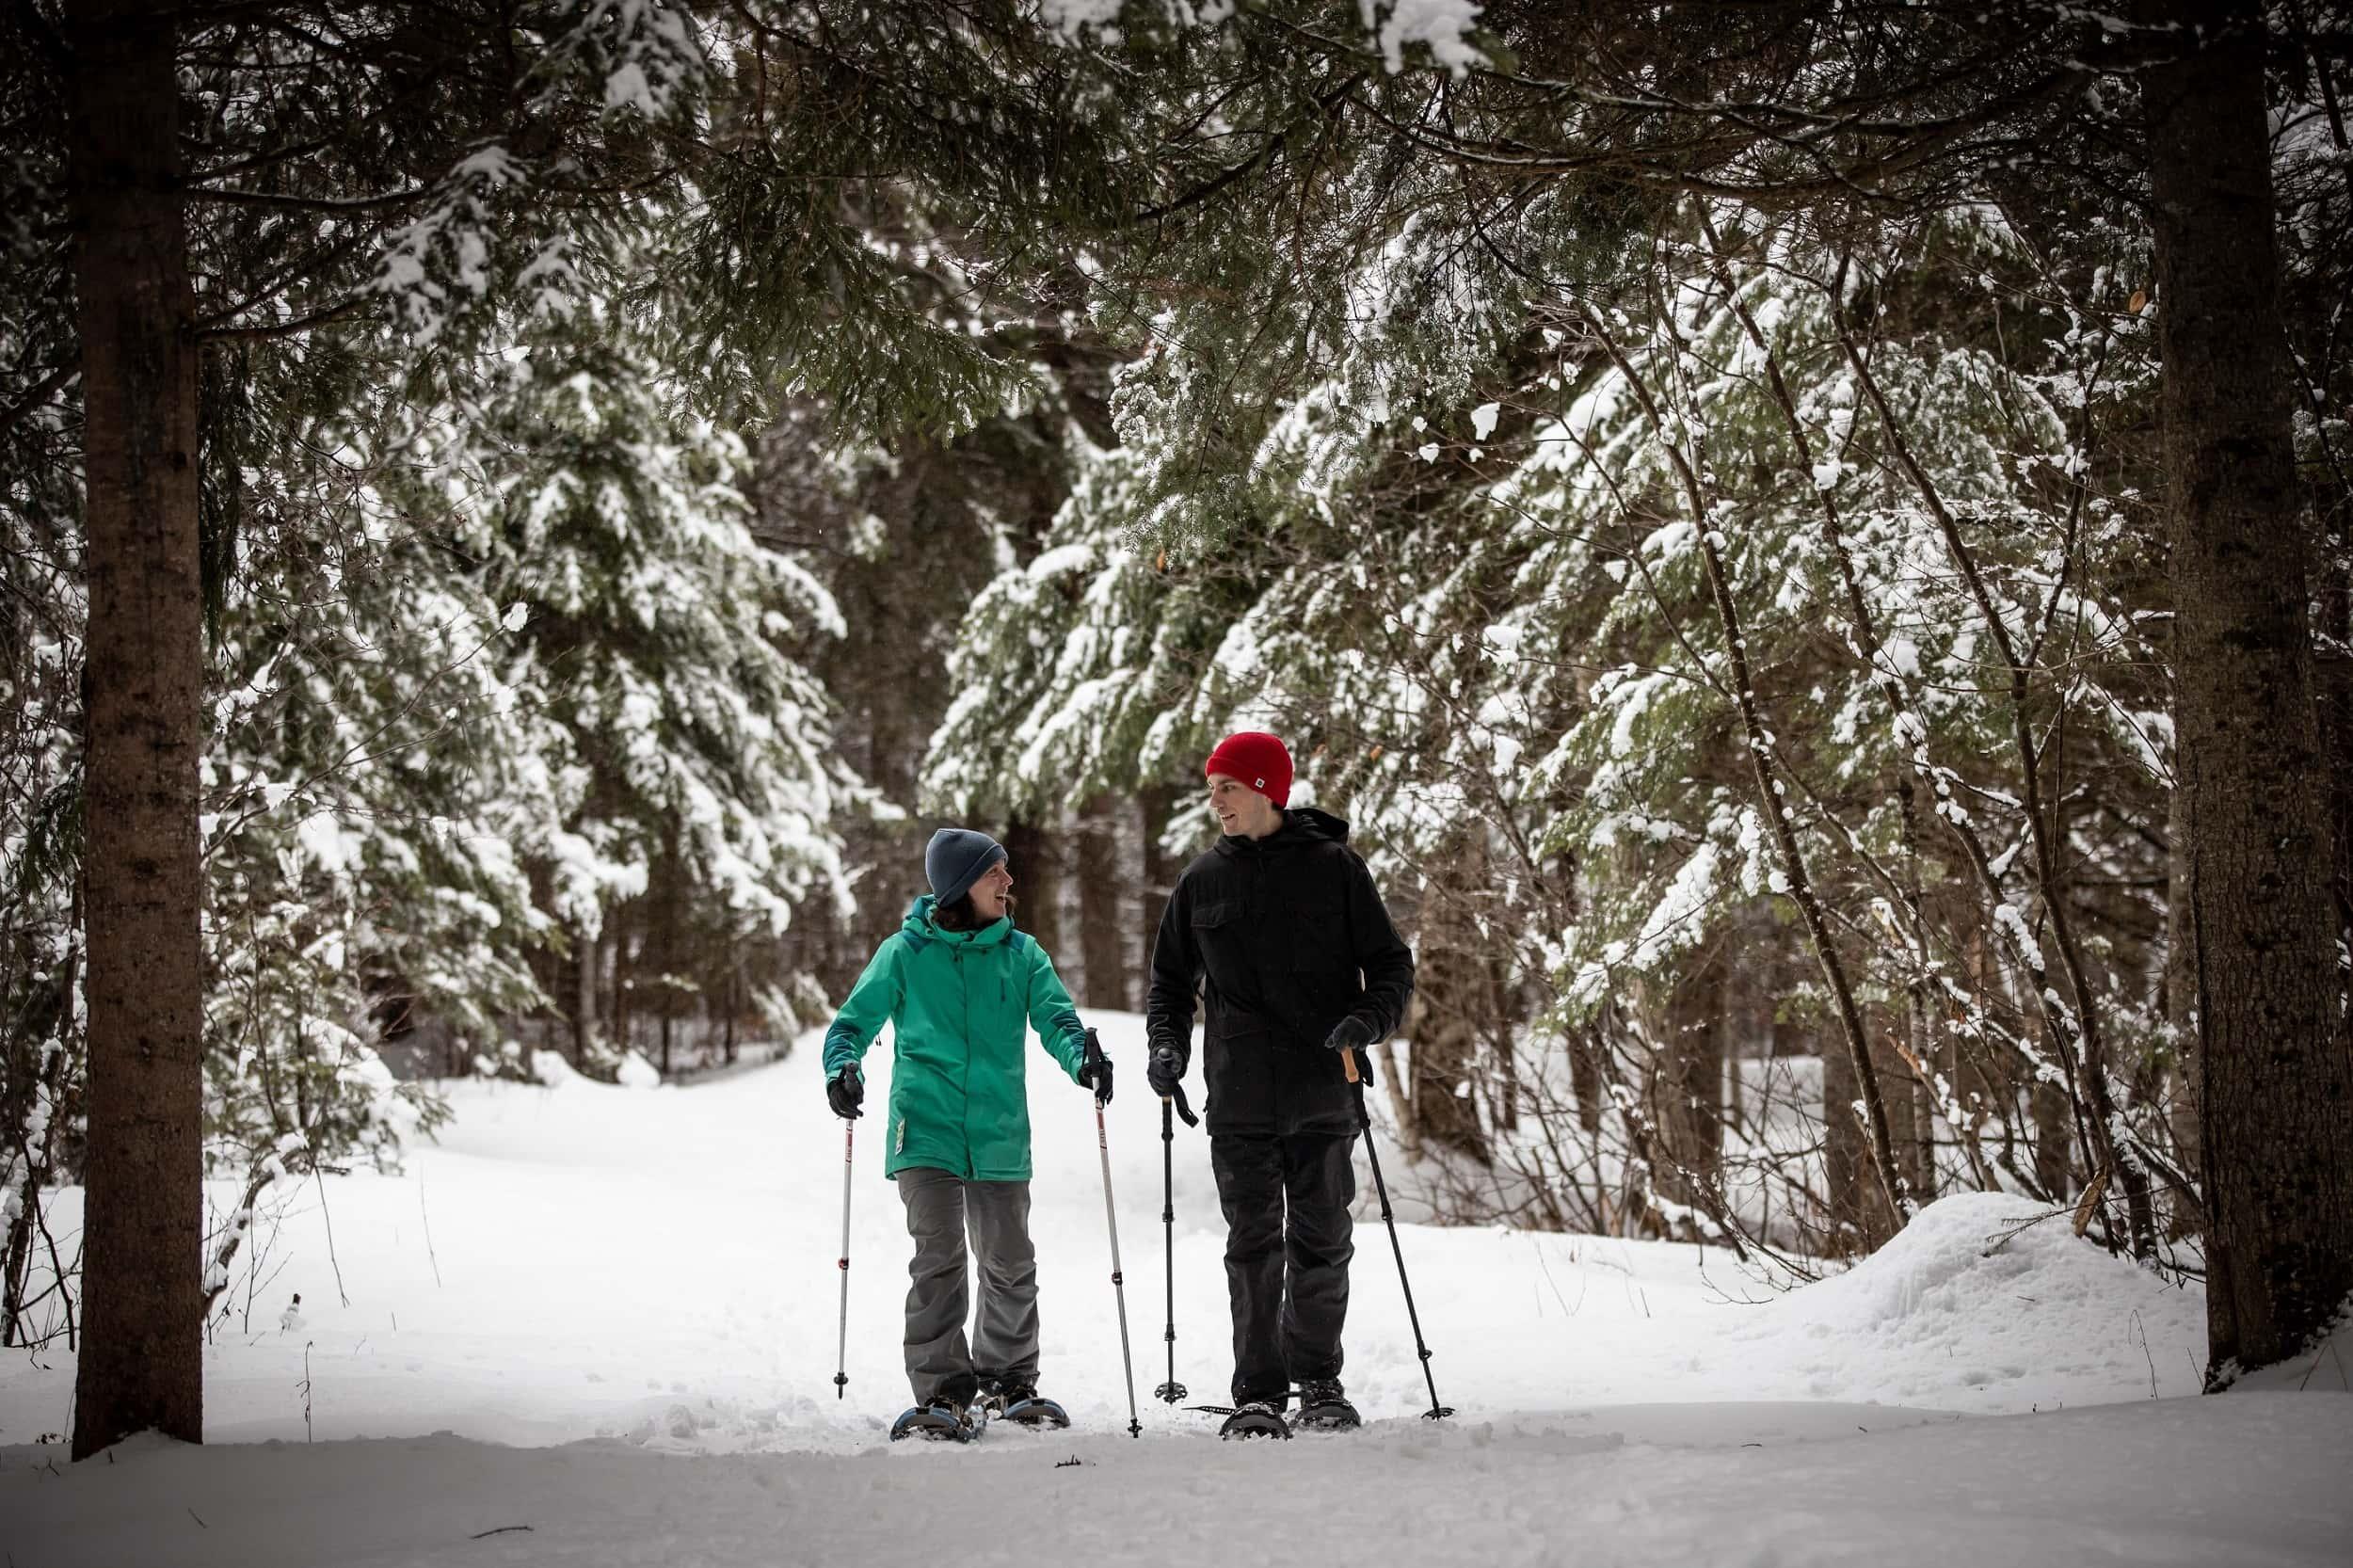 Snowshoe Domaine Saint-Bernard Mont-Tremblant - activity | D-Tour